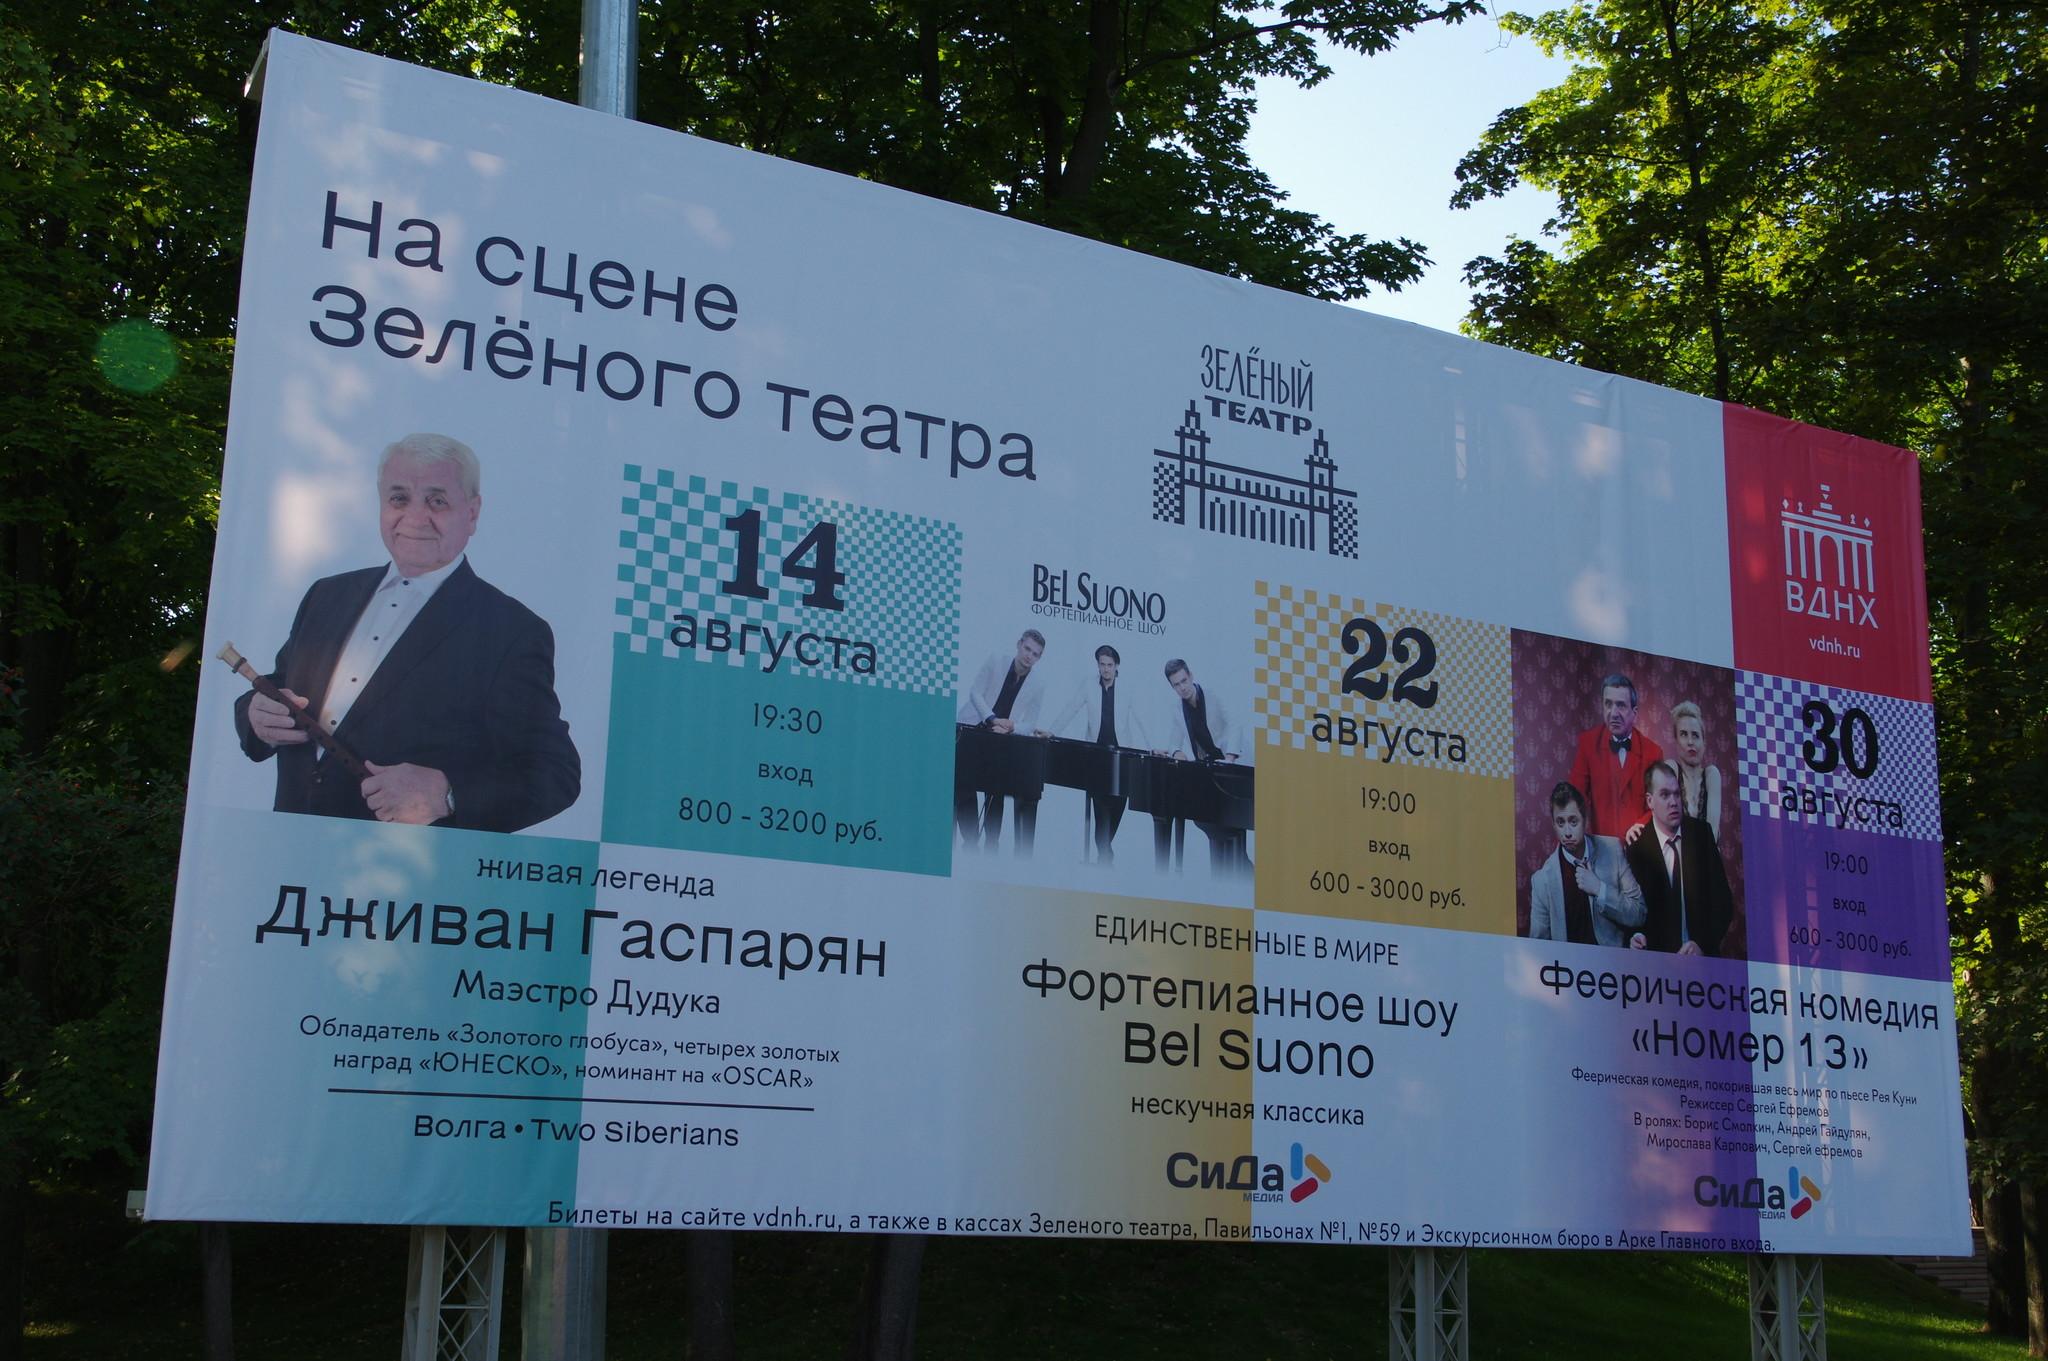 Народный артист Советского Союза, профессор Ереванской консерватории Дживан Гаспарян выступит на сцене Зелёного театра на ВДНХ